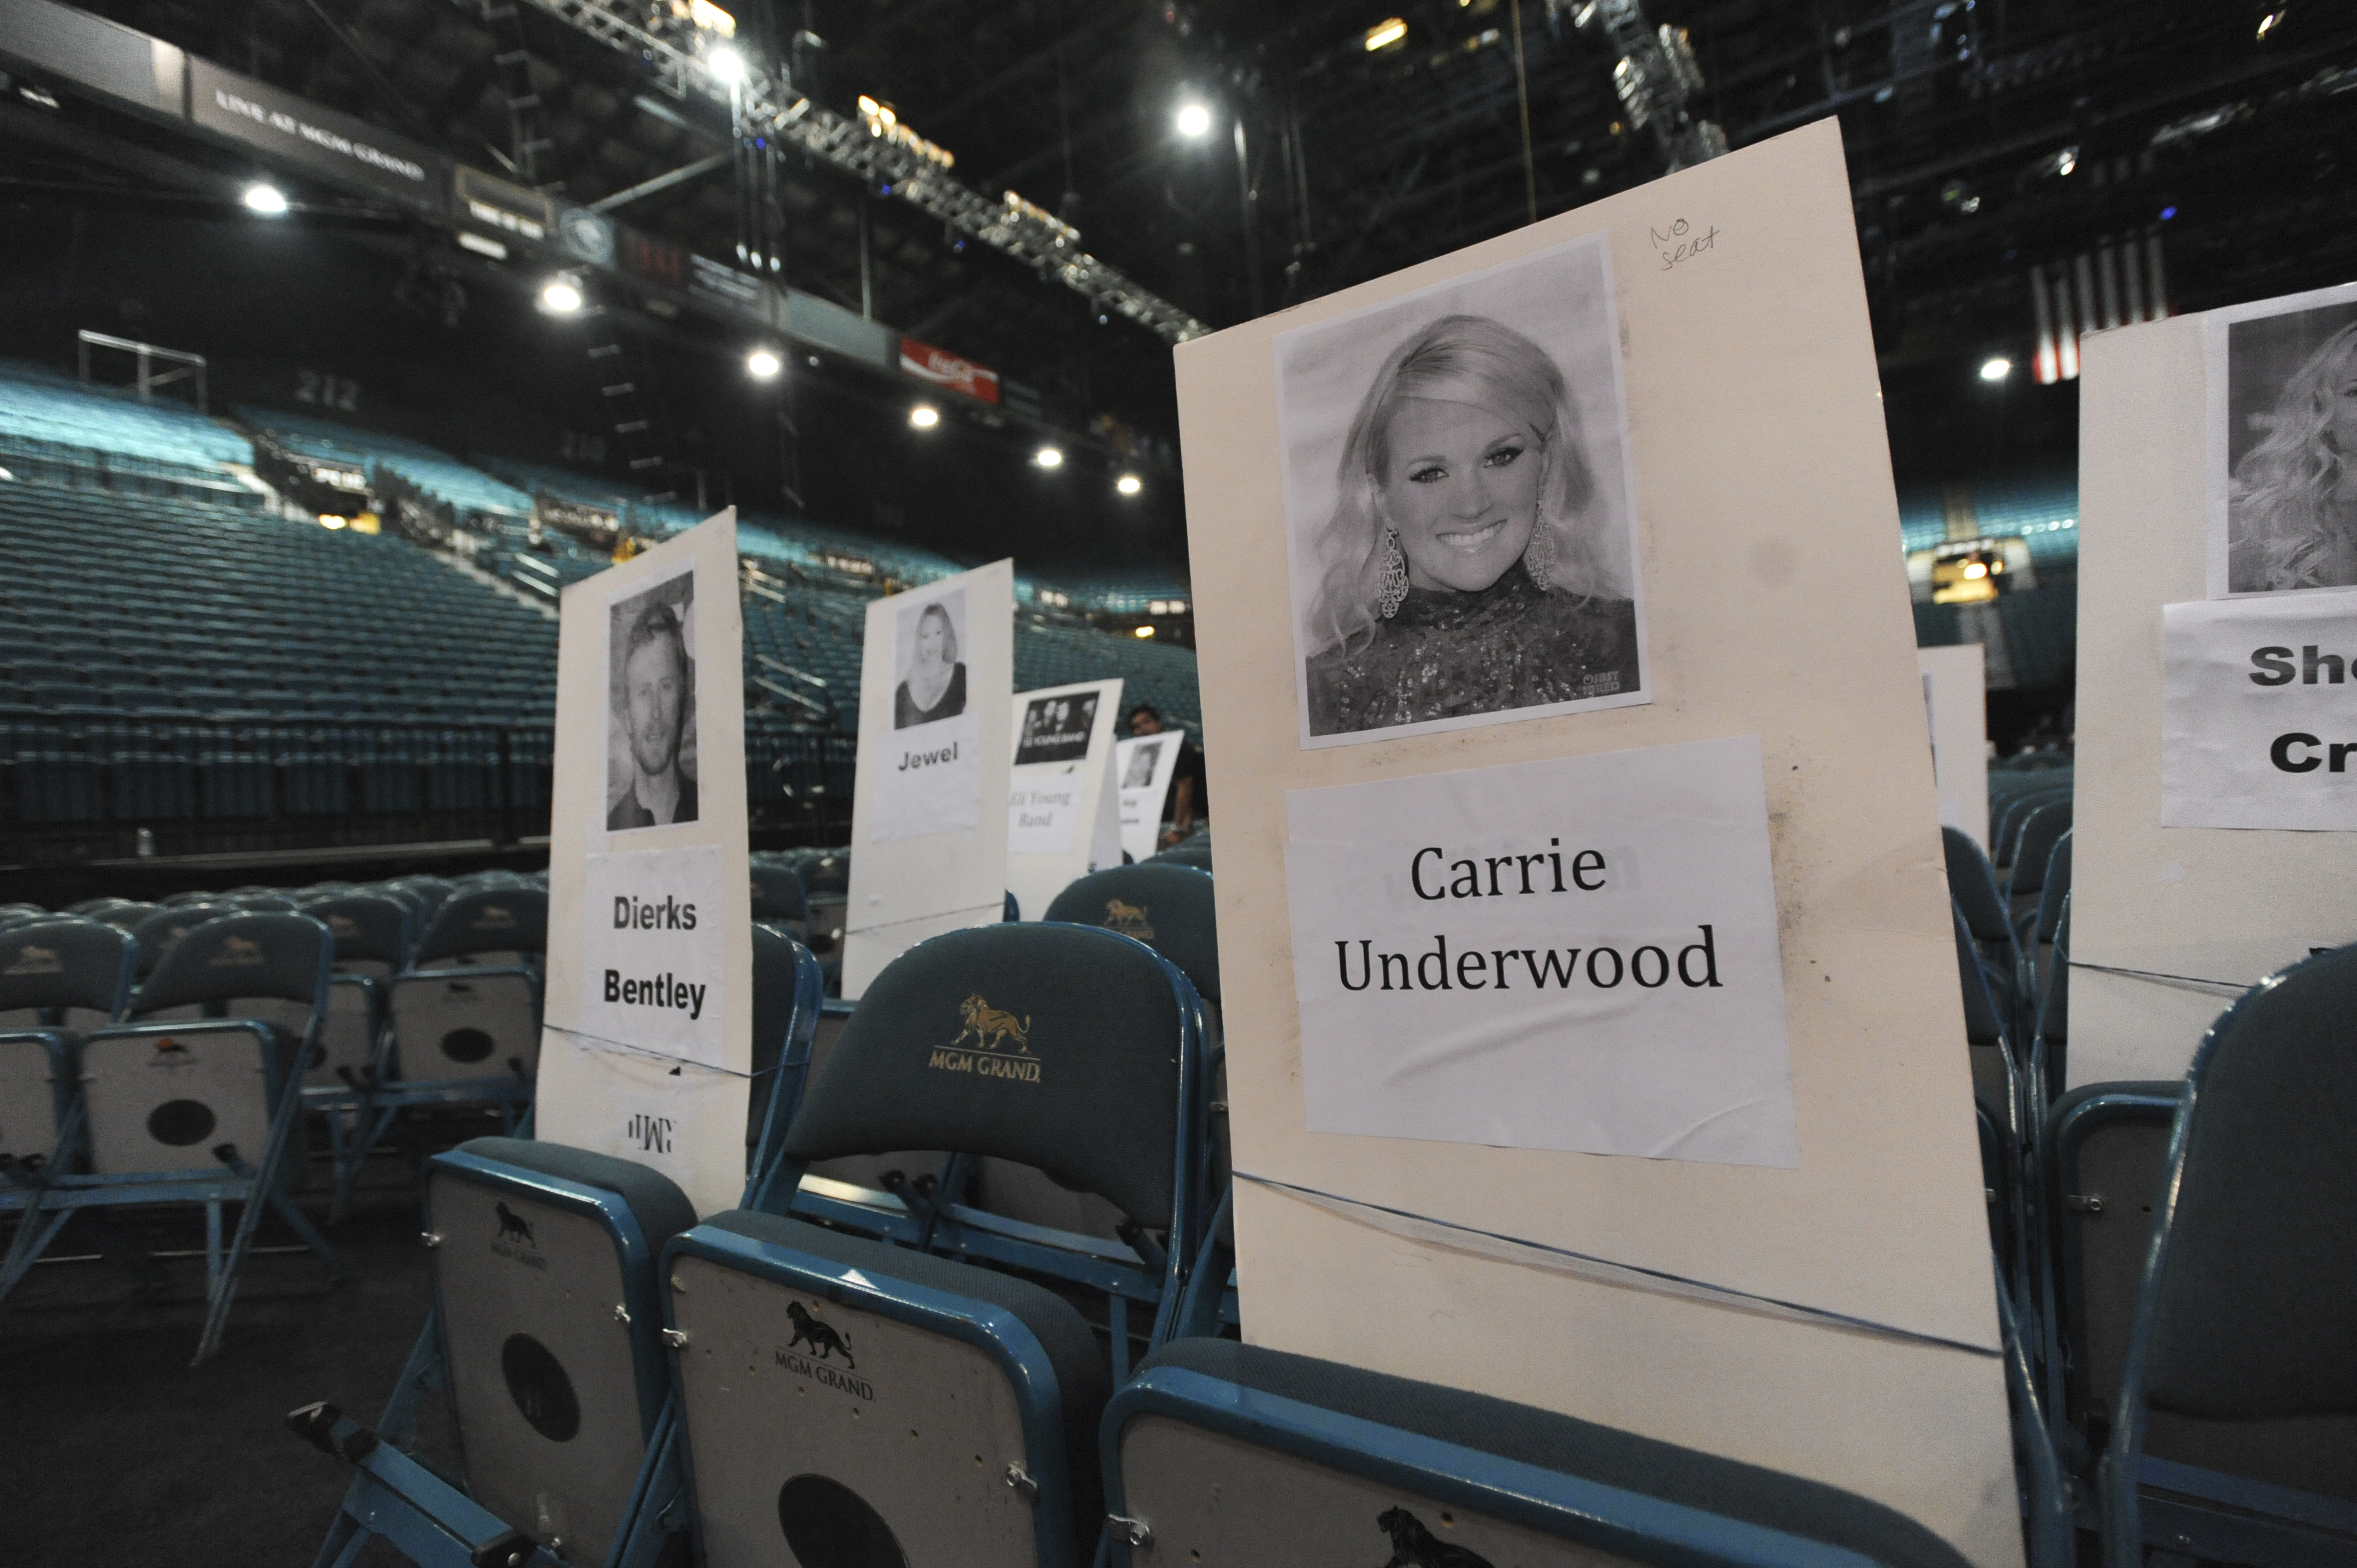 Carrie Underwood and Dierks Bentley